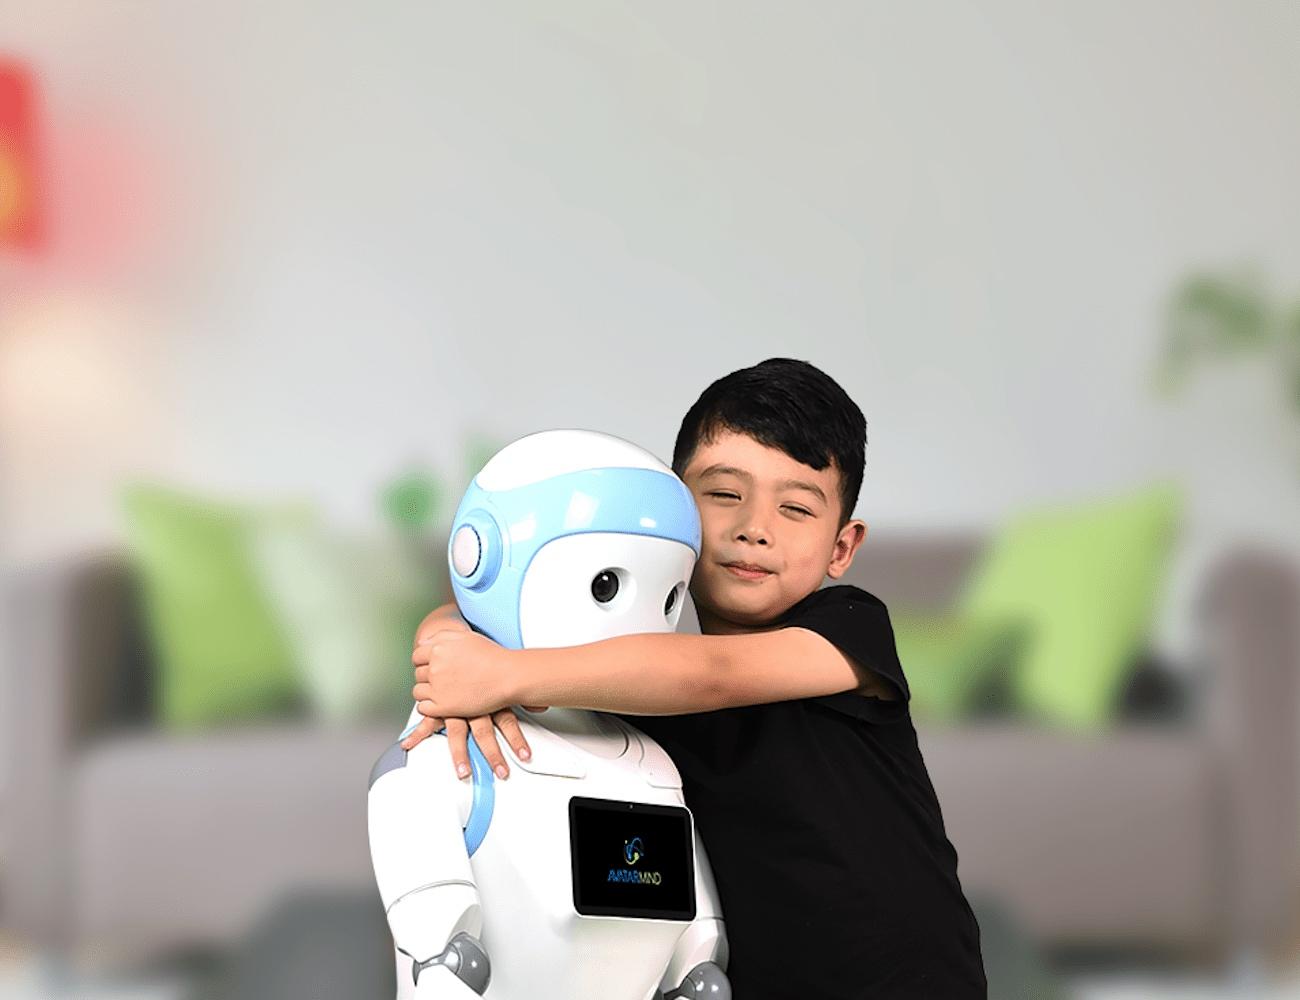 AvatarMind iPAL Kids Companion Robot